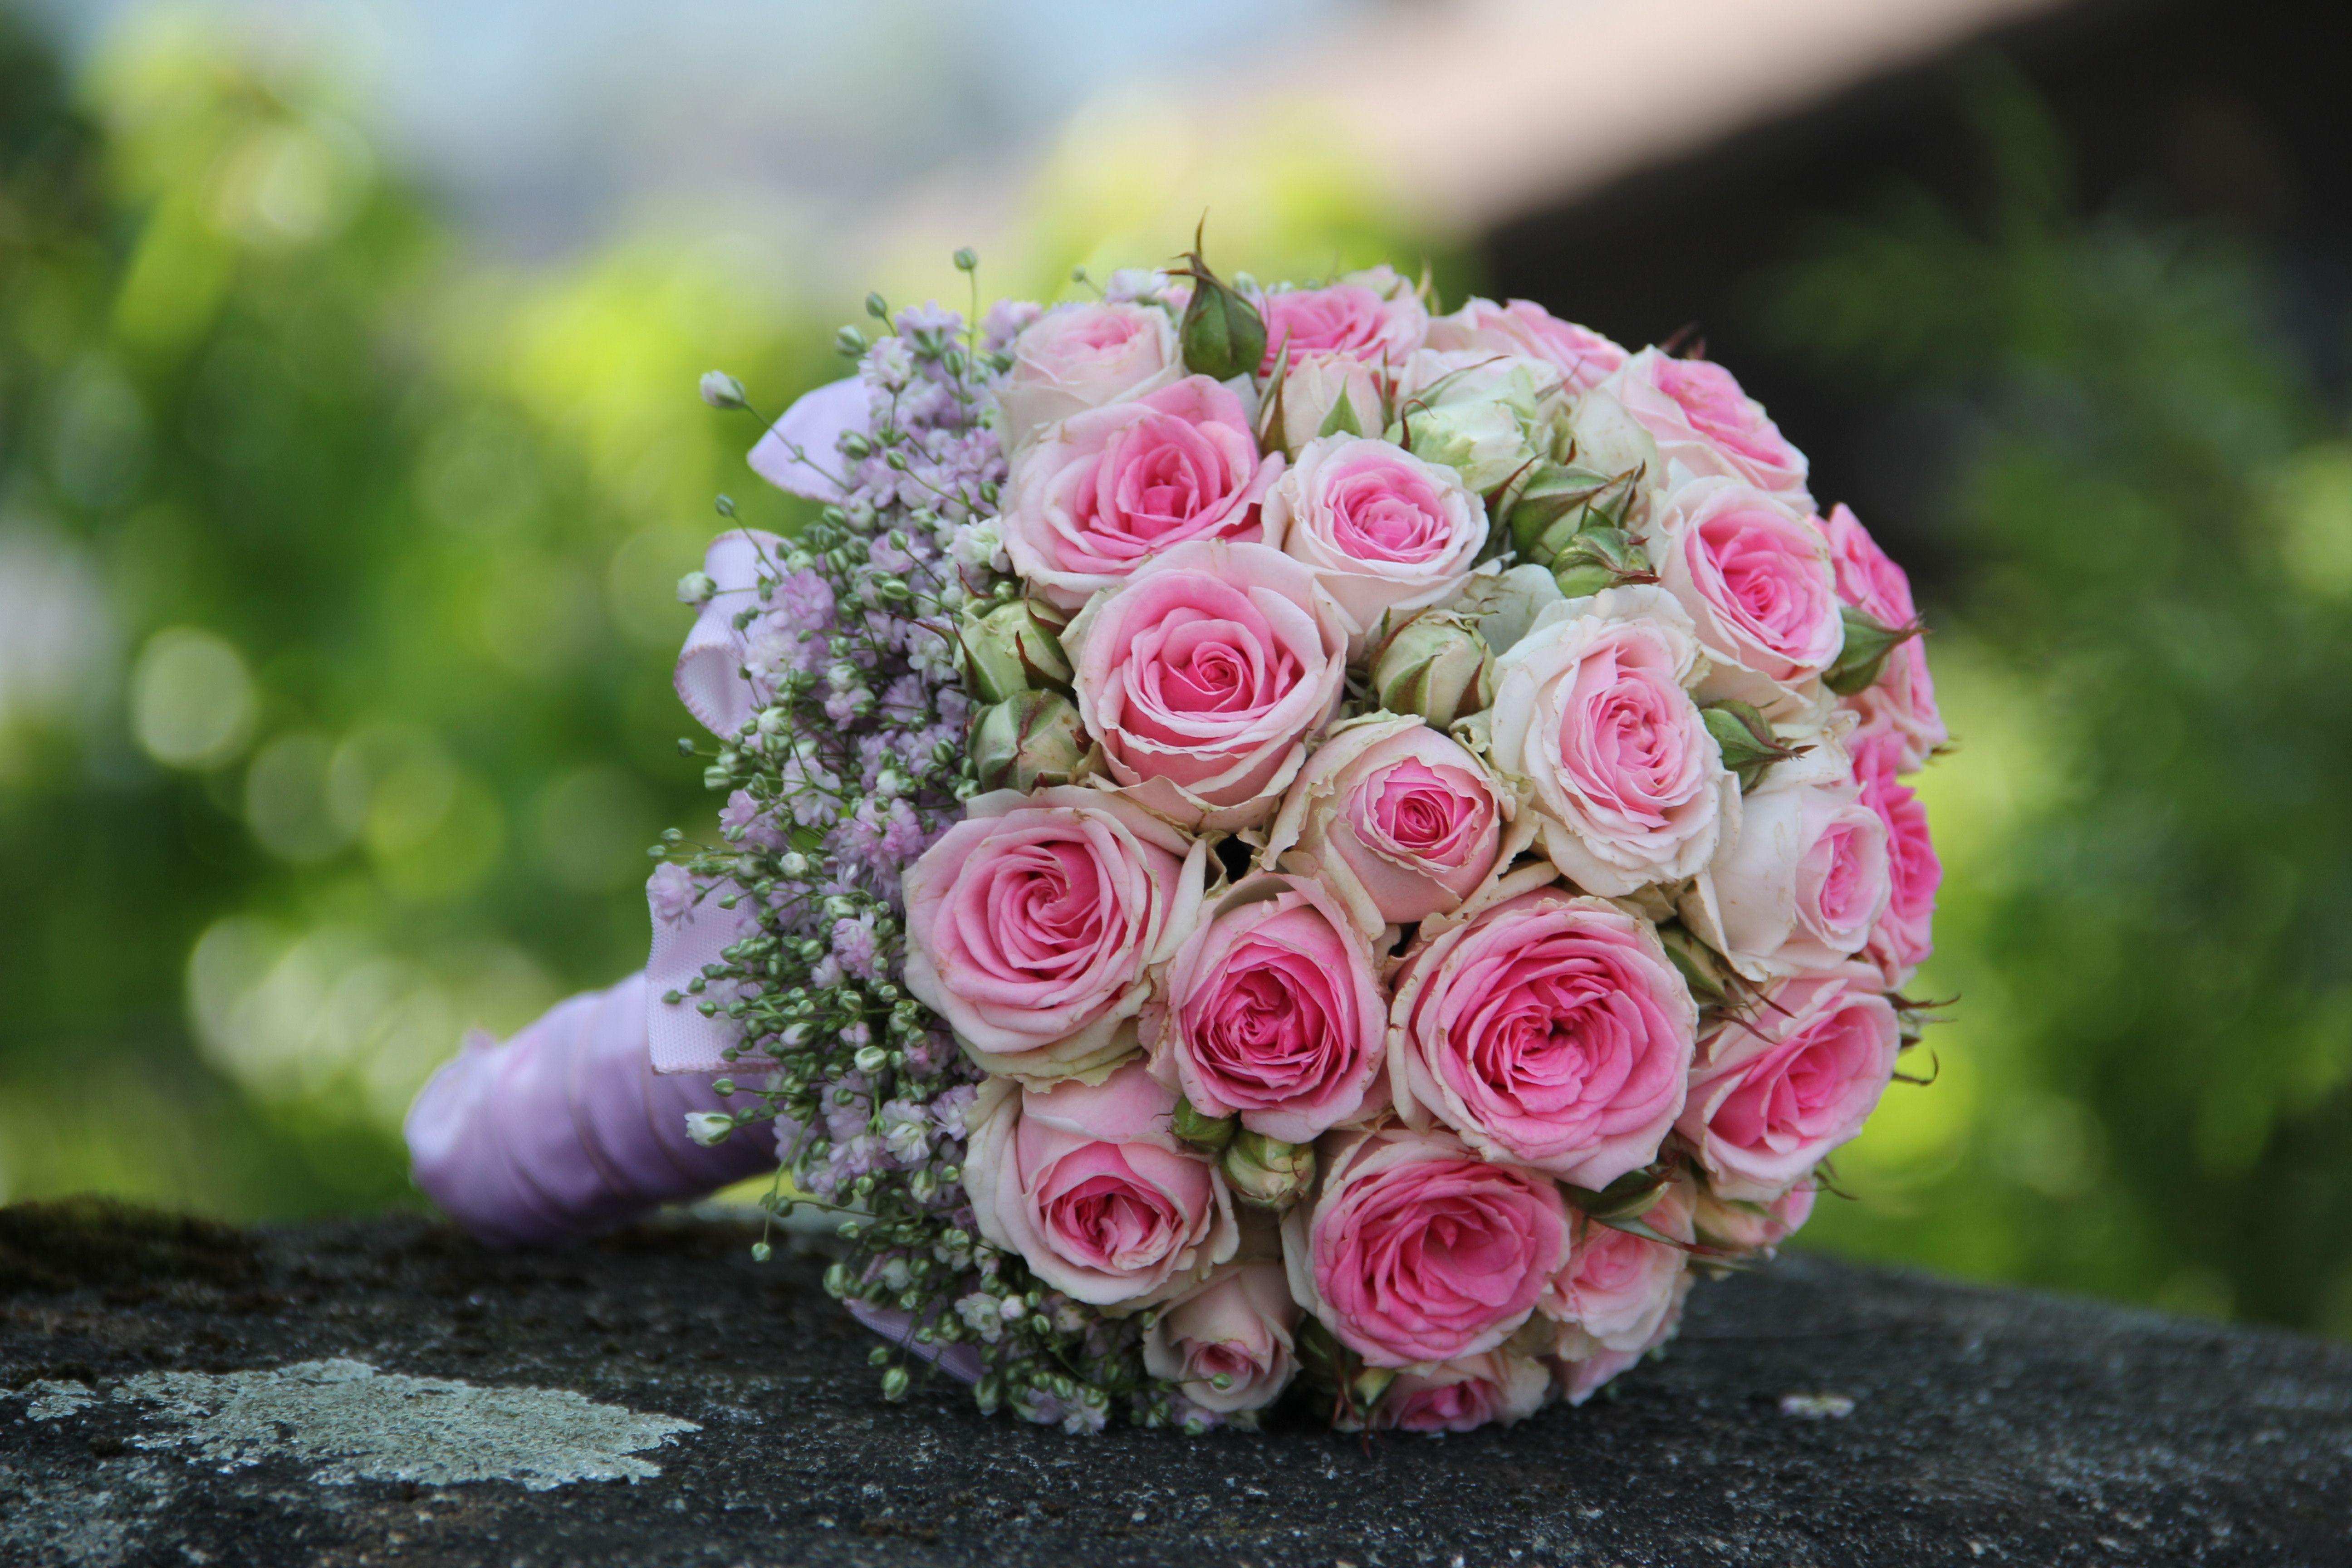 Rosenkugel Rosa Weiss Mimi Eden Rosen Umrandet Mit Schleierkraut Blumenstrauss Hochzeit Brautstrausse Hochzeit Strauss